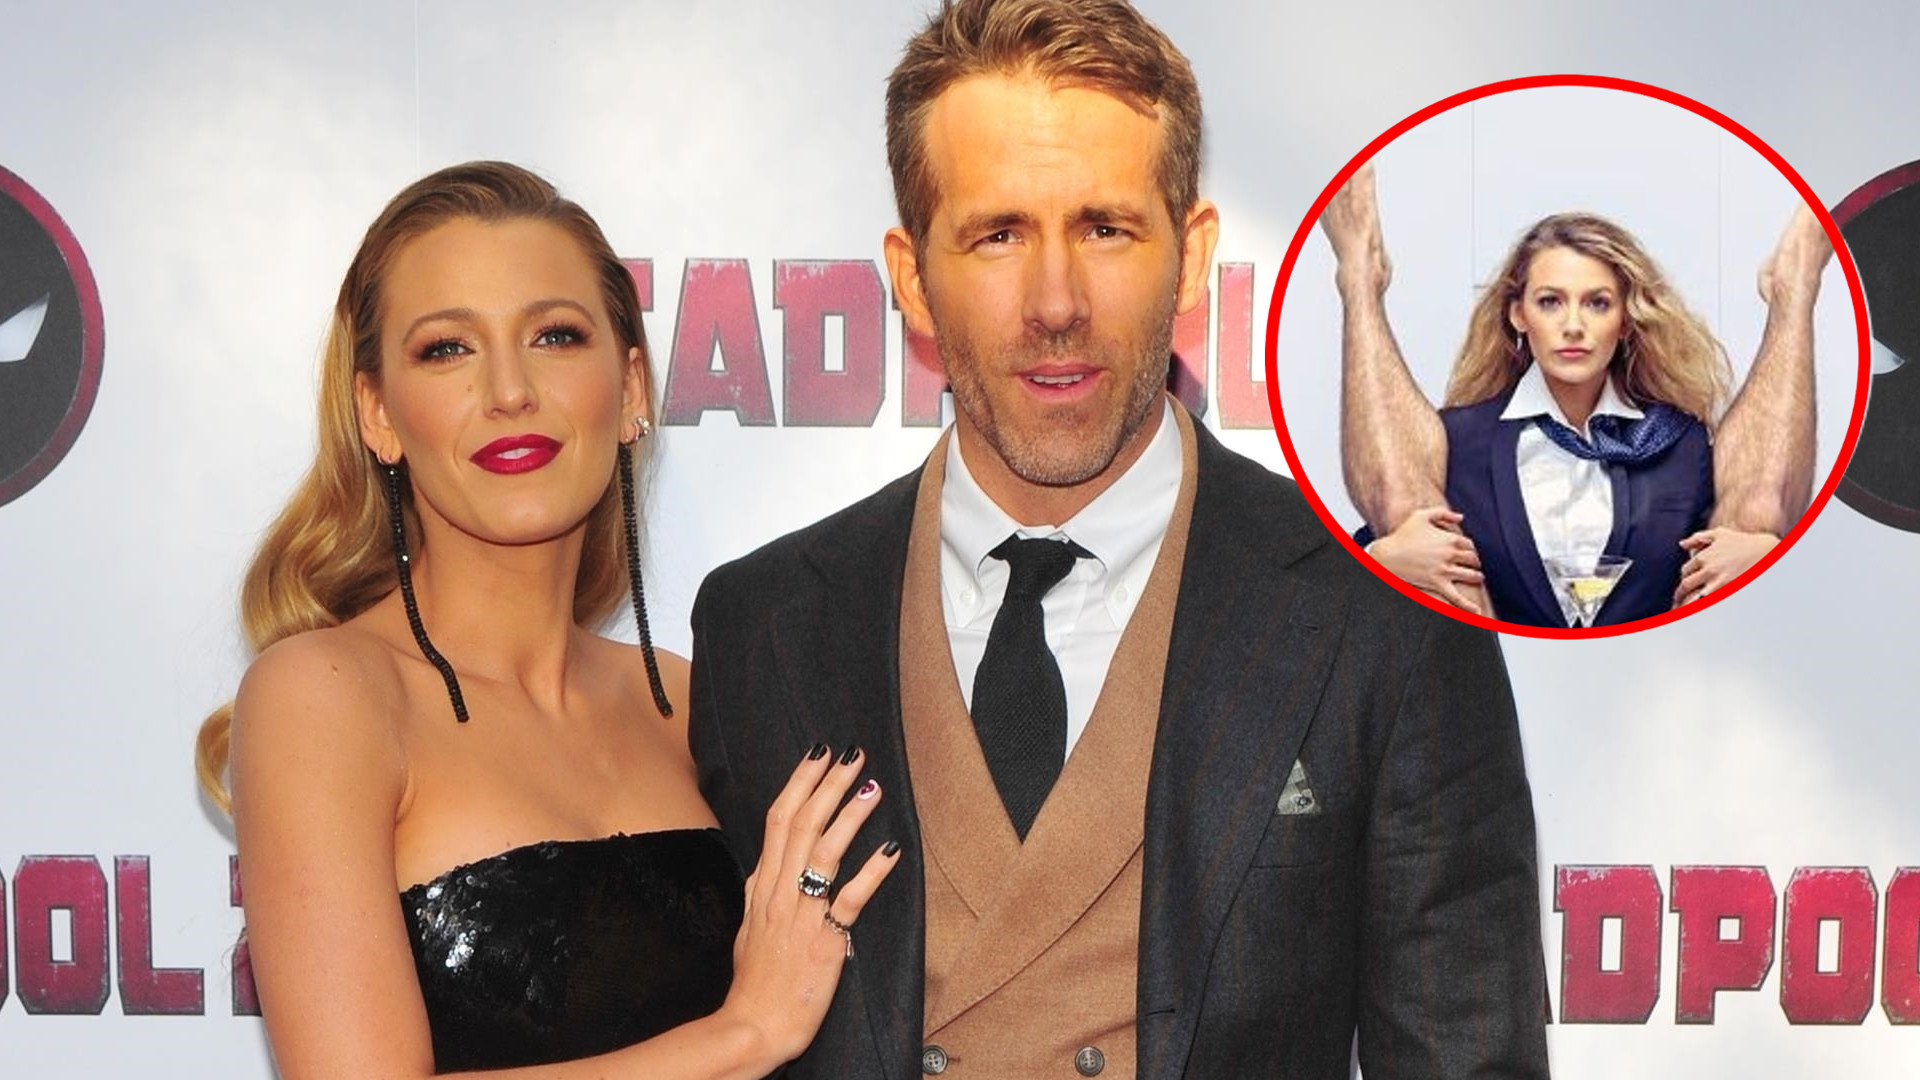 Blake Lively między nogami przystojnego modela – jej facet komentuje zdjęcie